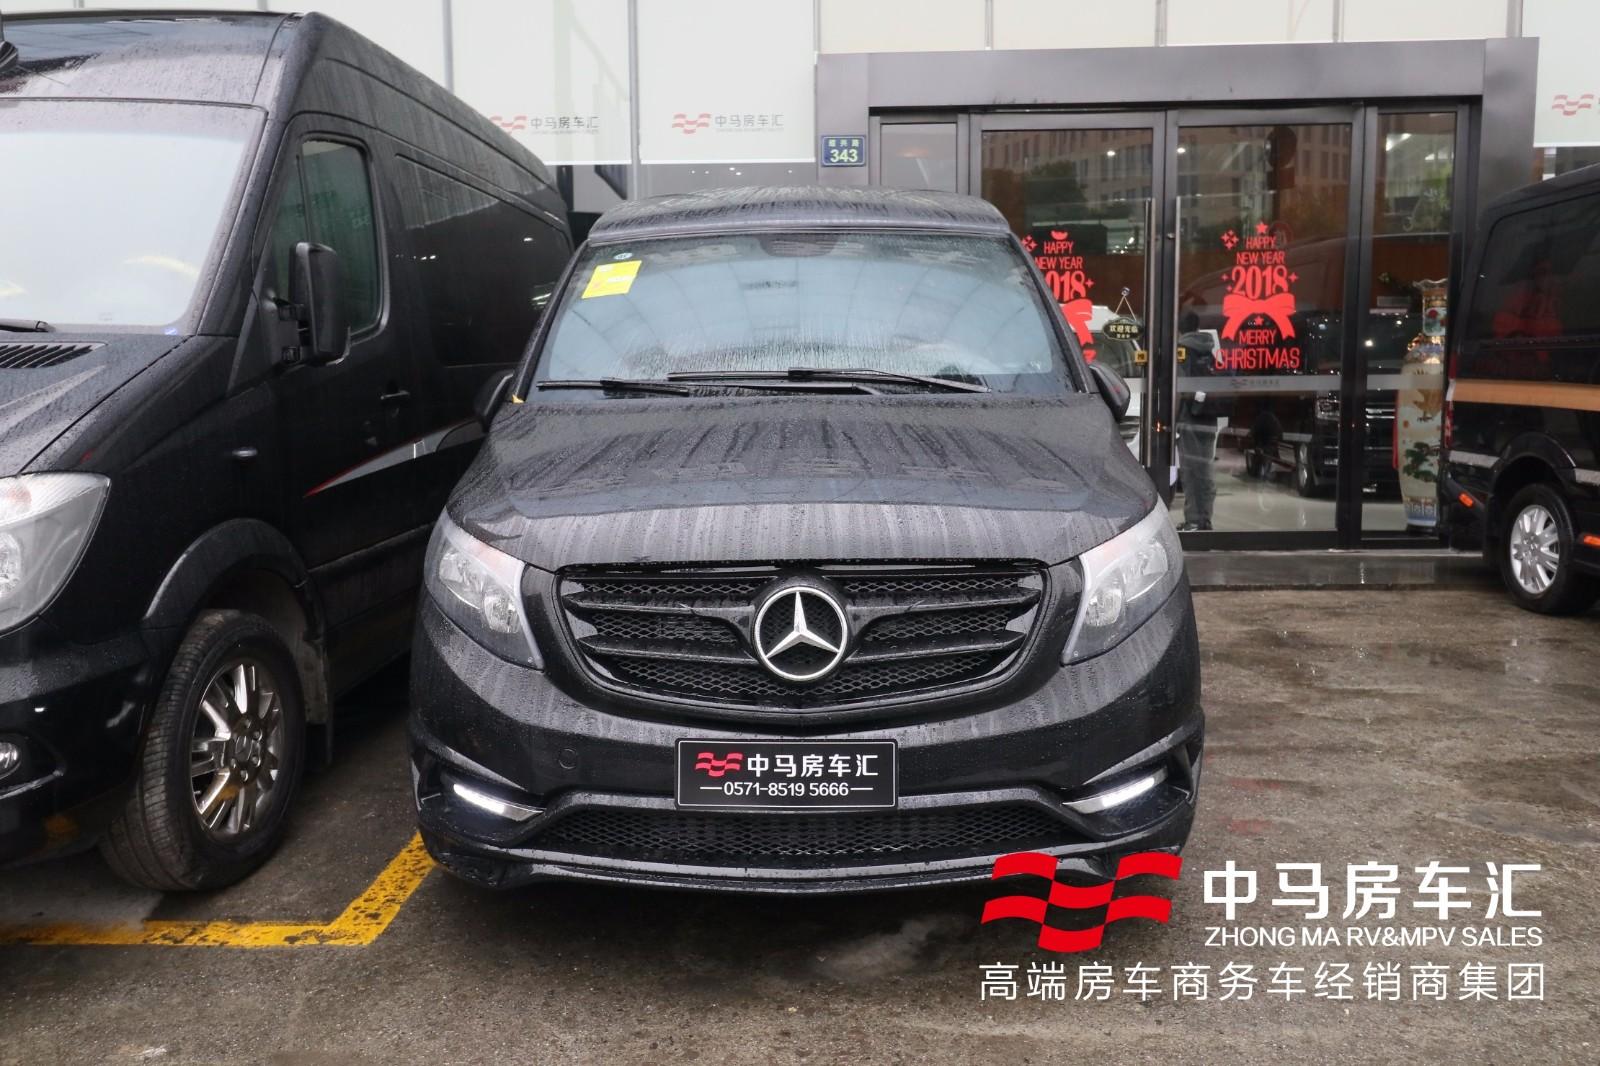 新款奔驰威霆 售29.38万起,不给GL8活路_易车